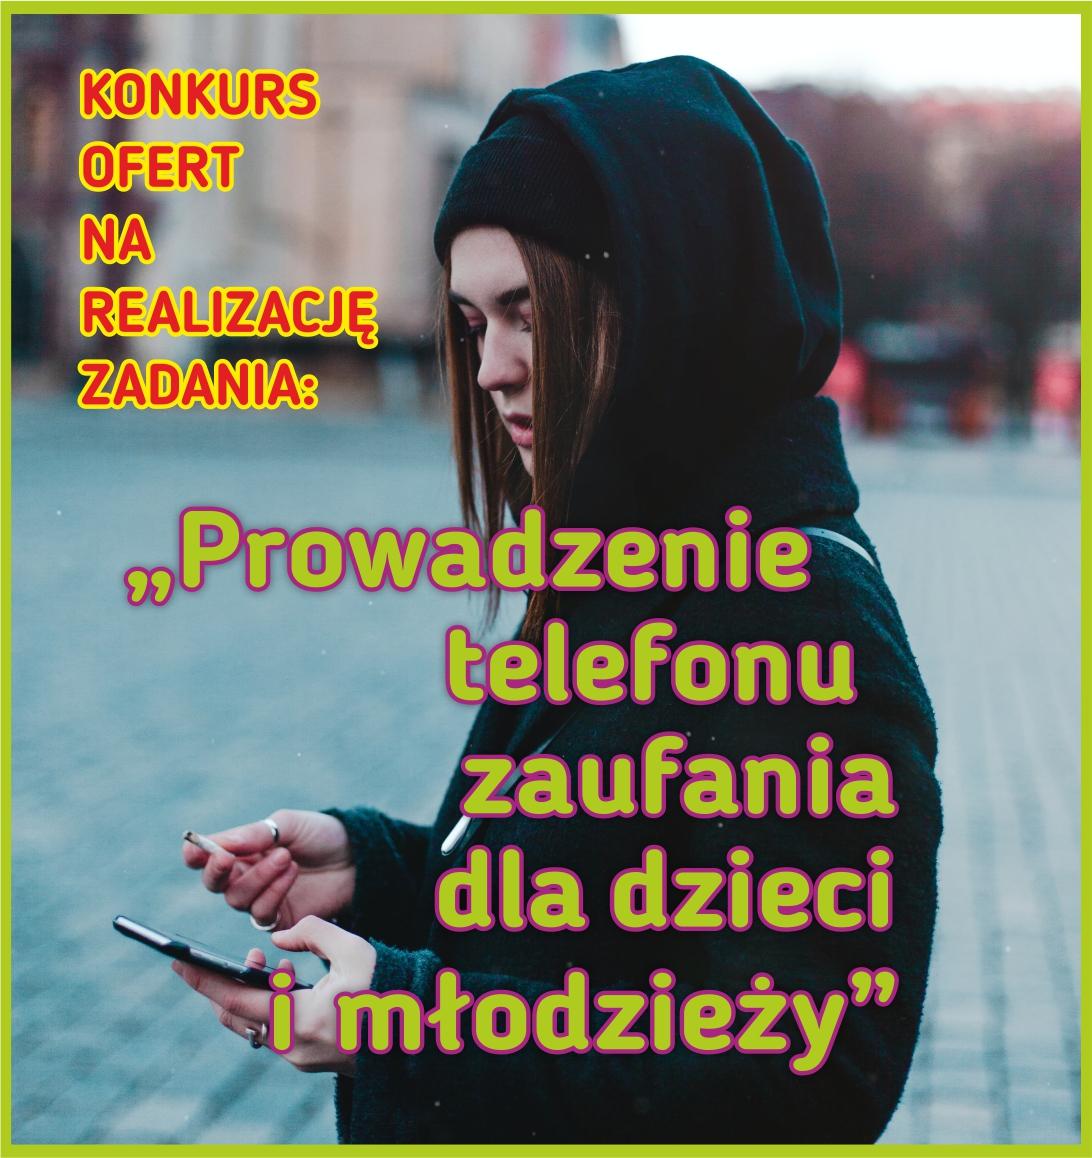 """Otwarty konkurs ofert na realizację w 2021 roku zadania publicznego pt.: """"Prowadzenie telefonu zaufania dla dzieci i młodzieży""""."""